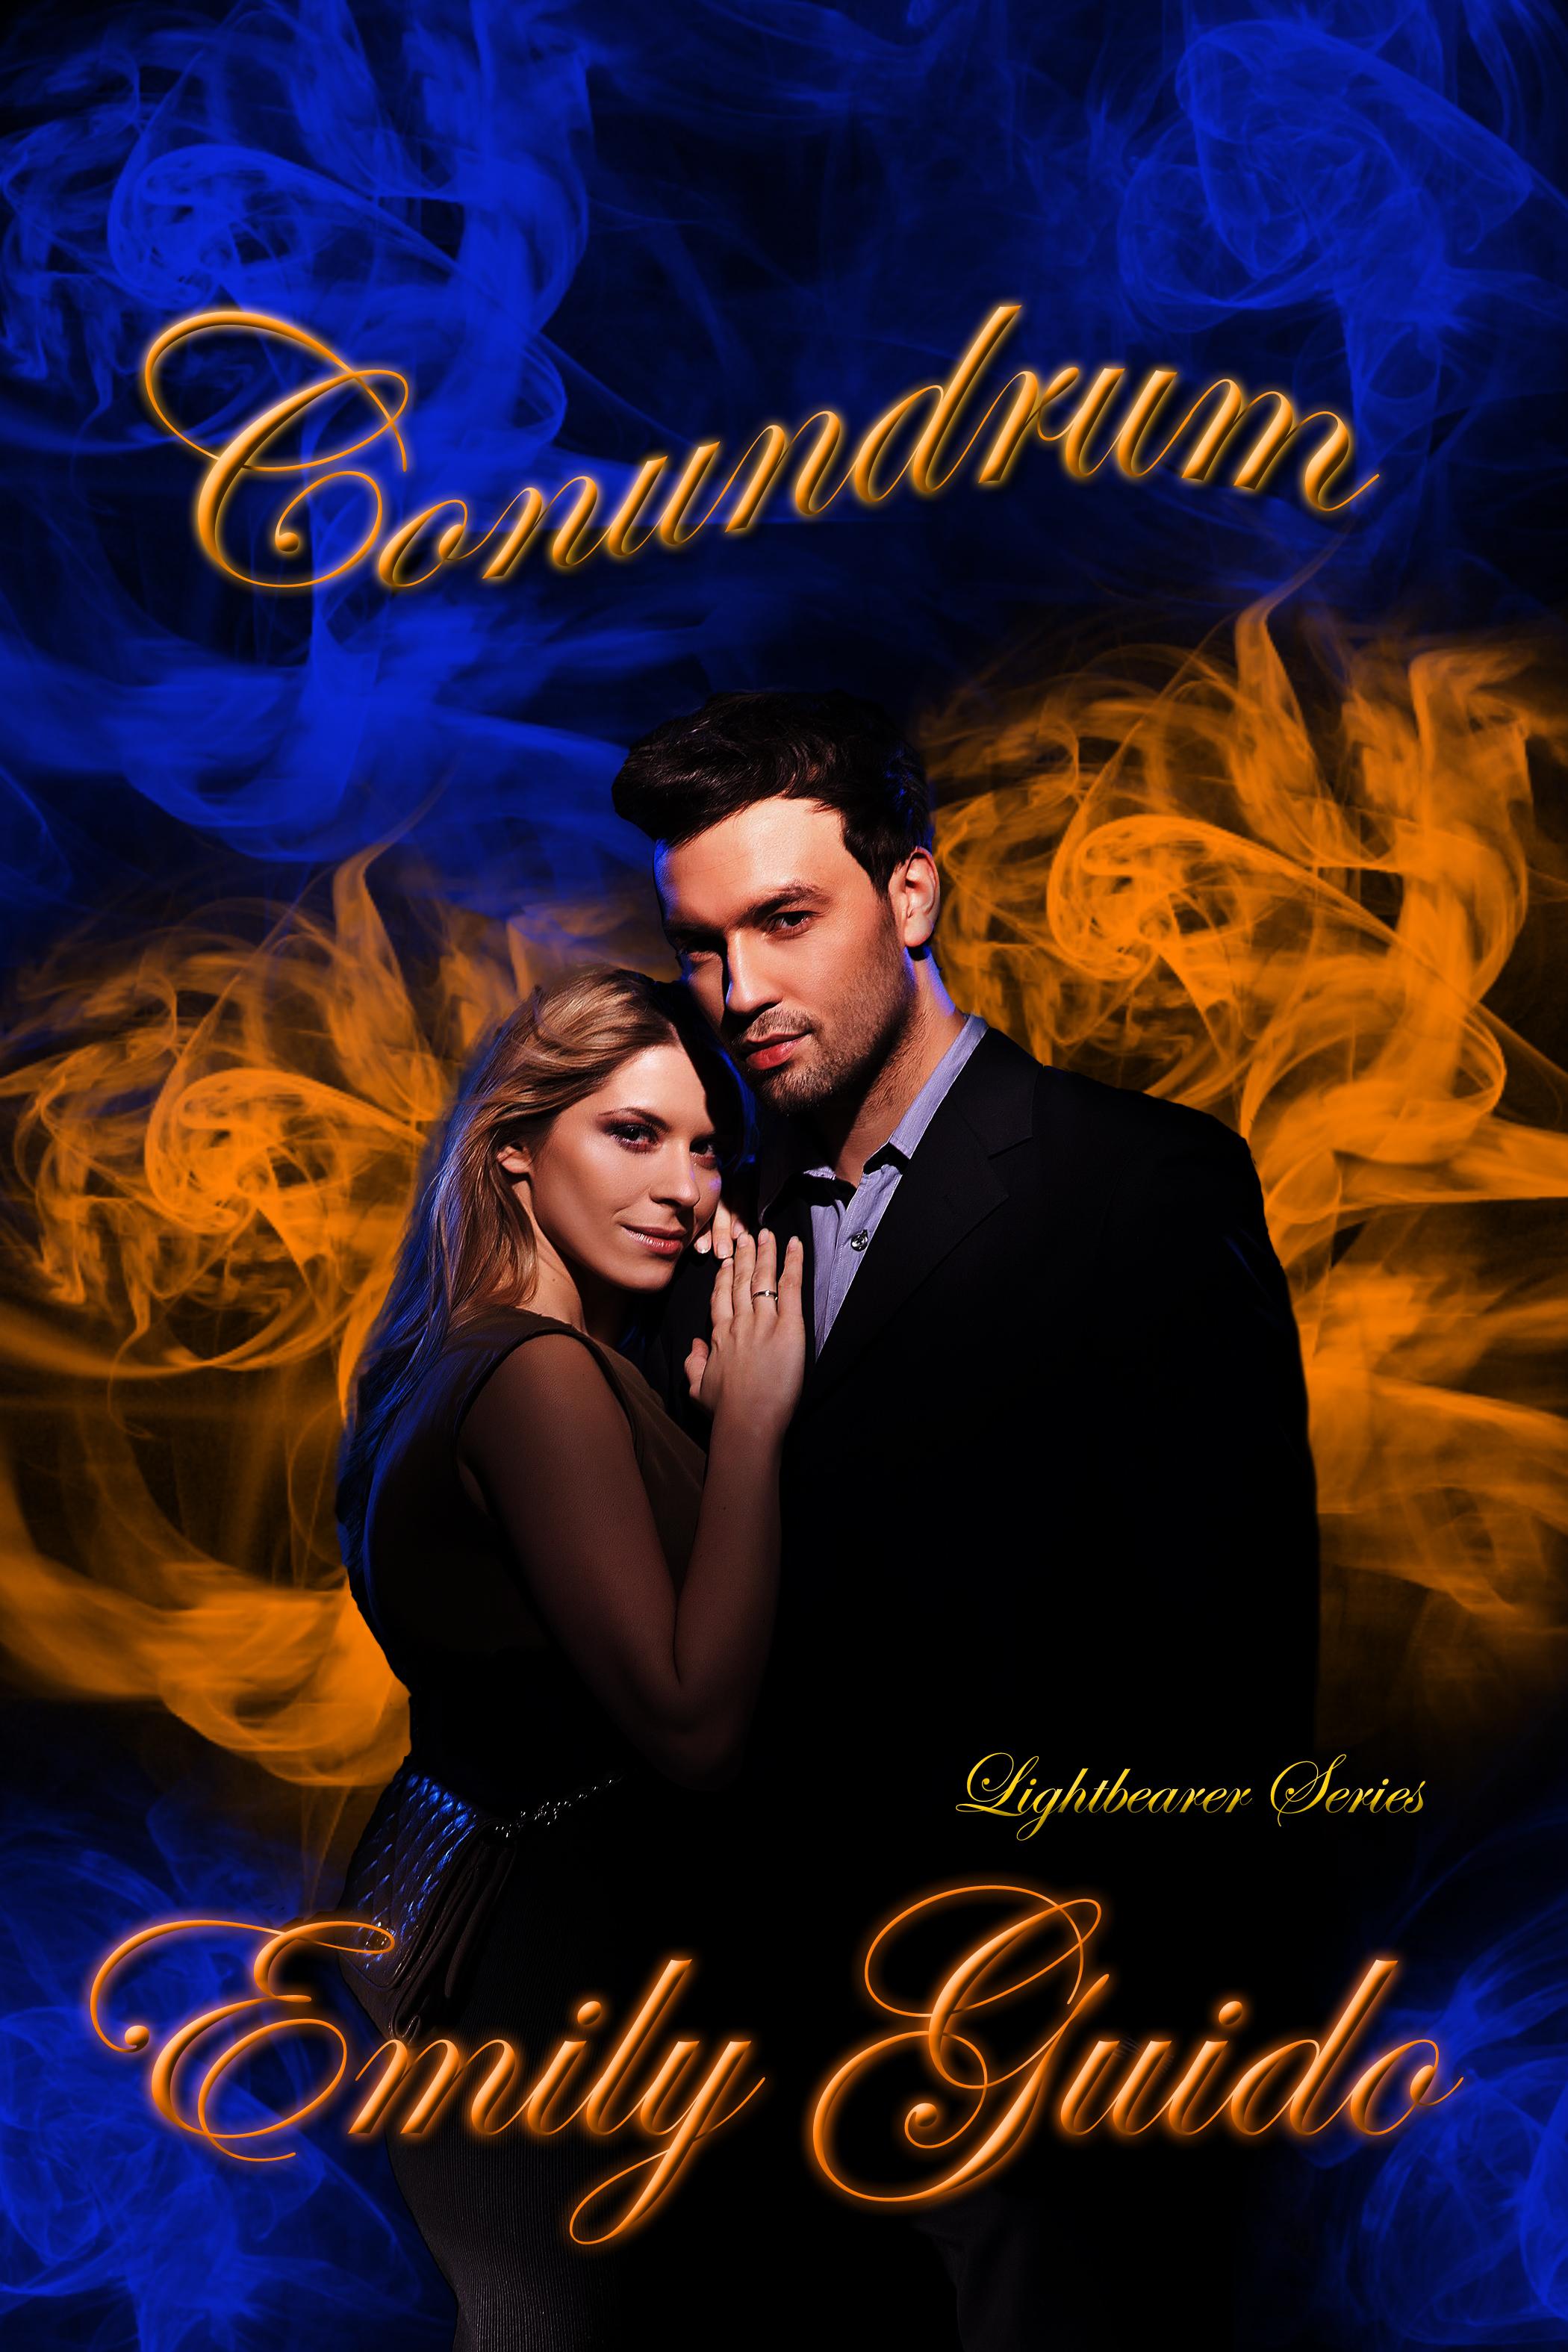 Conumdrum